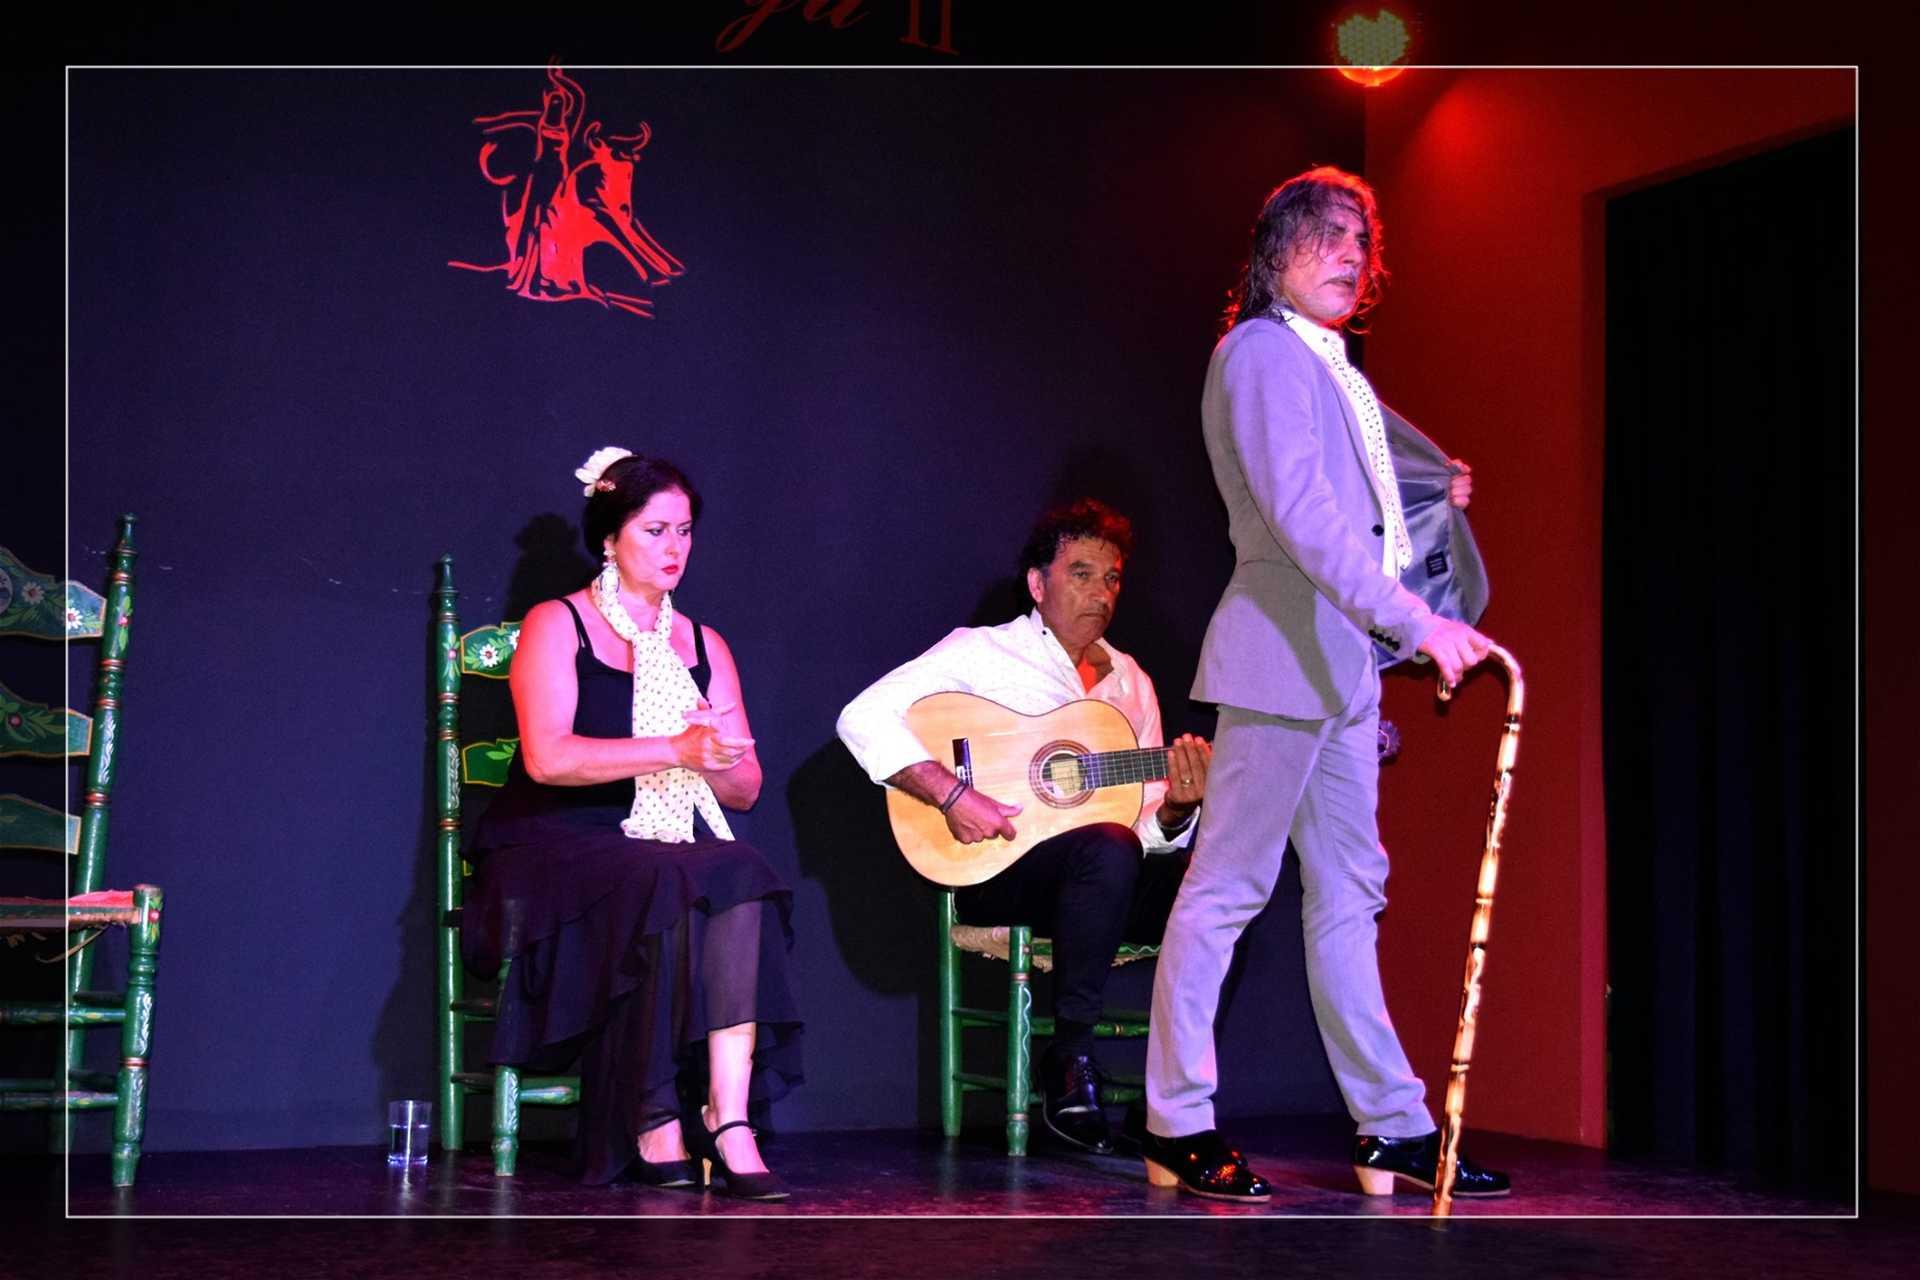 Noche de flamenco y gastronomía onubense